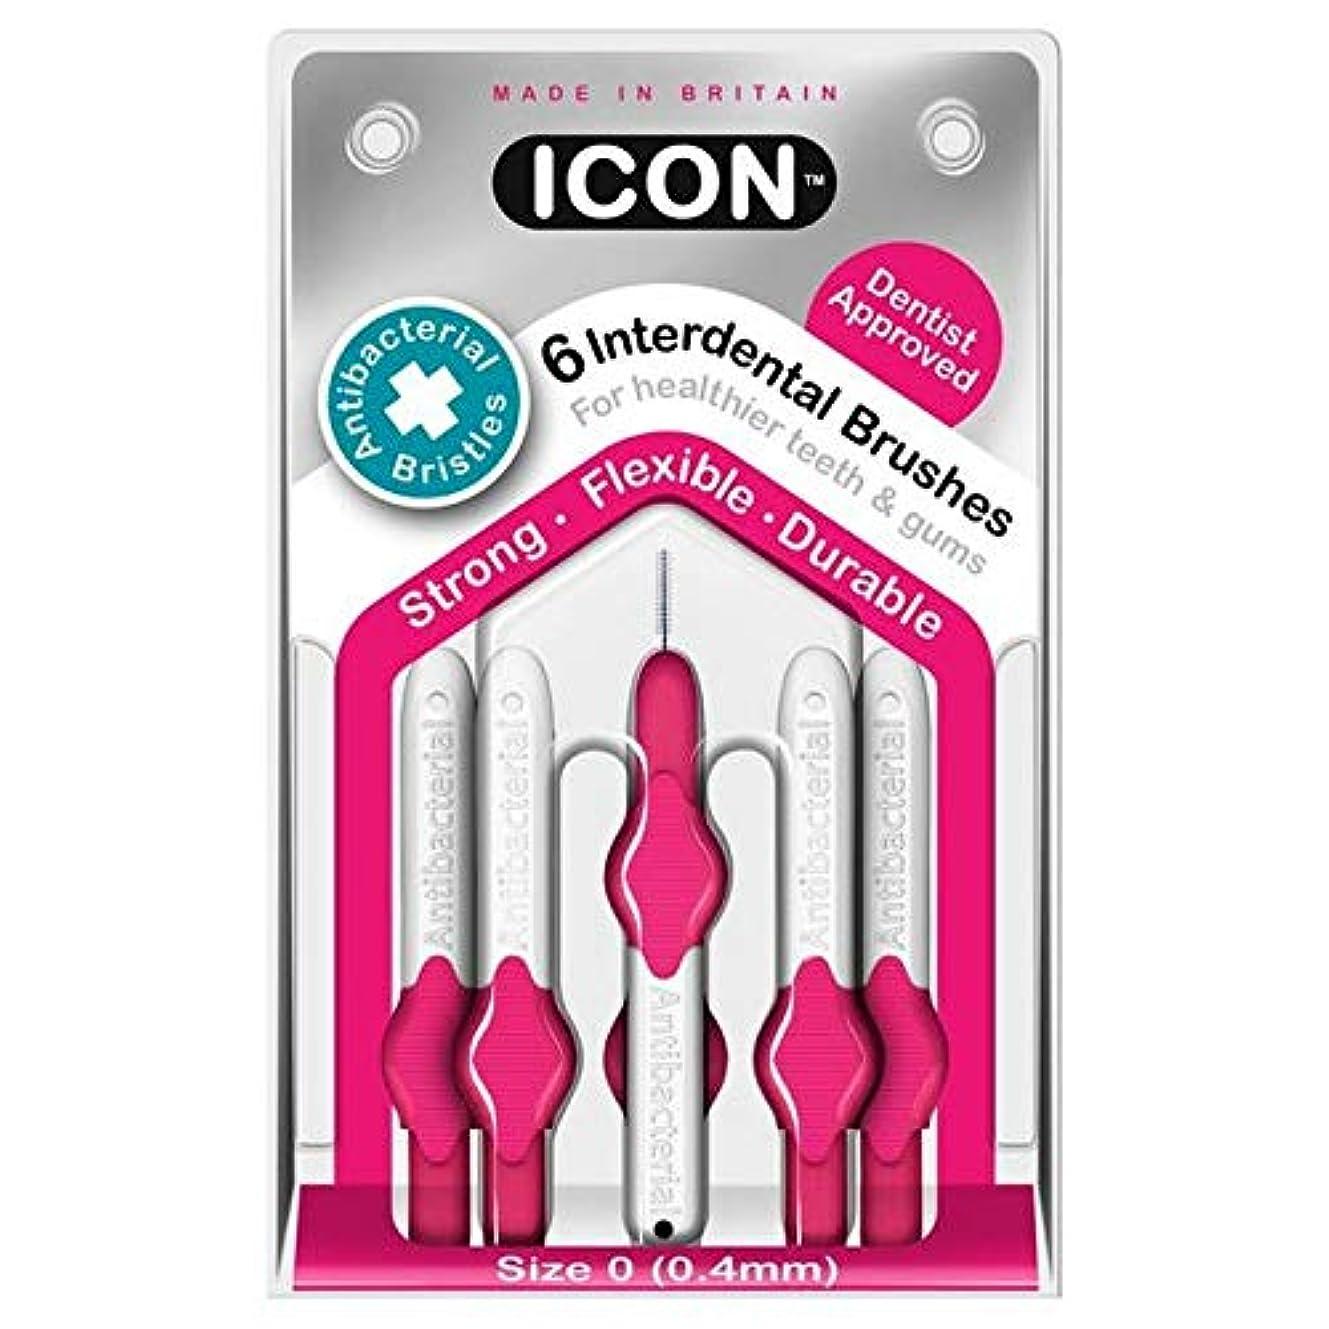 オーケストラハーネス反論者[Icon ] アイコンの歯間には、パックあたり0.4ミリメートル6ブラシ - Icon Interdental Brushes 0.4mm 6 per pack [並行輸入品]